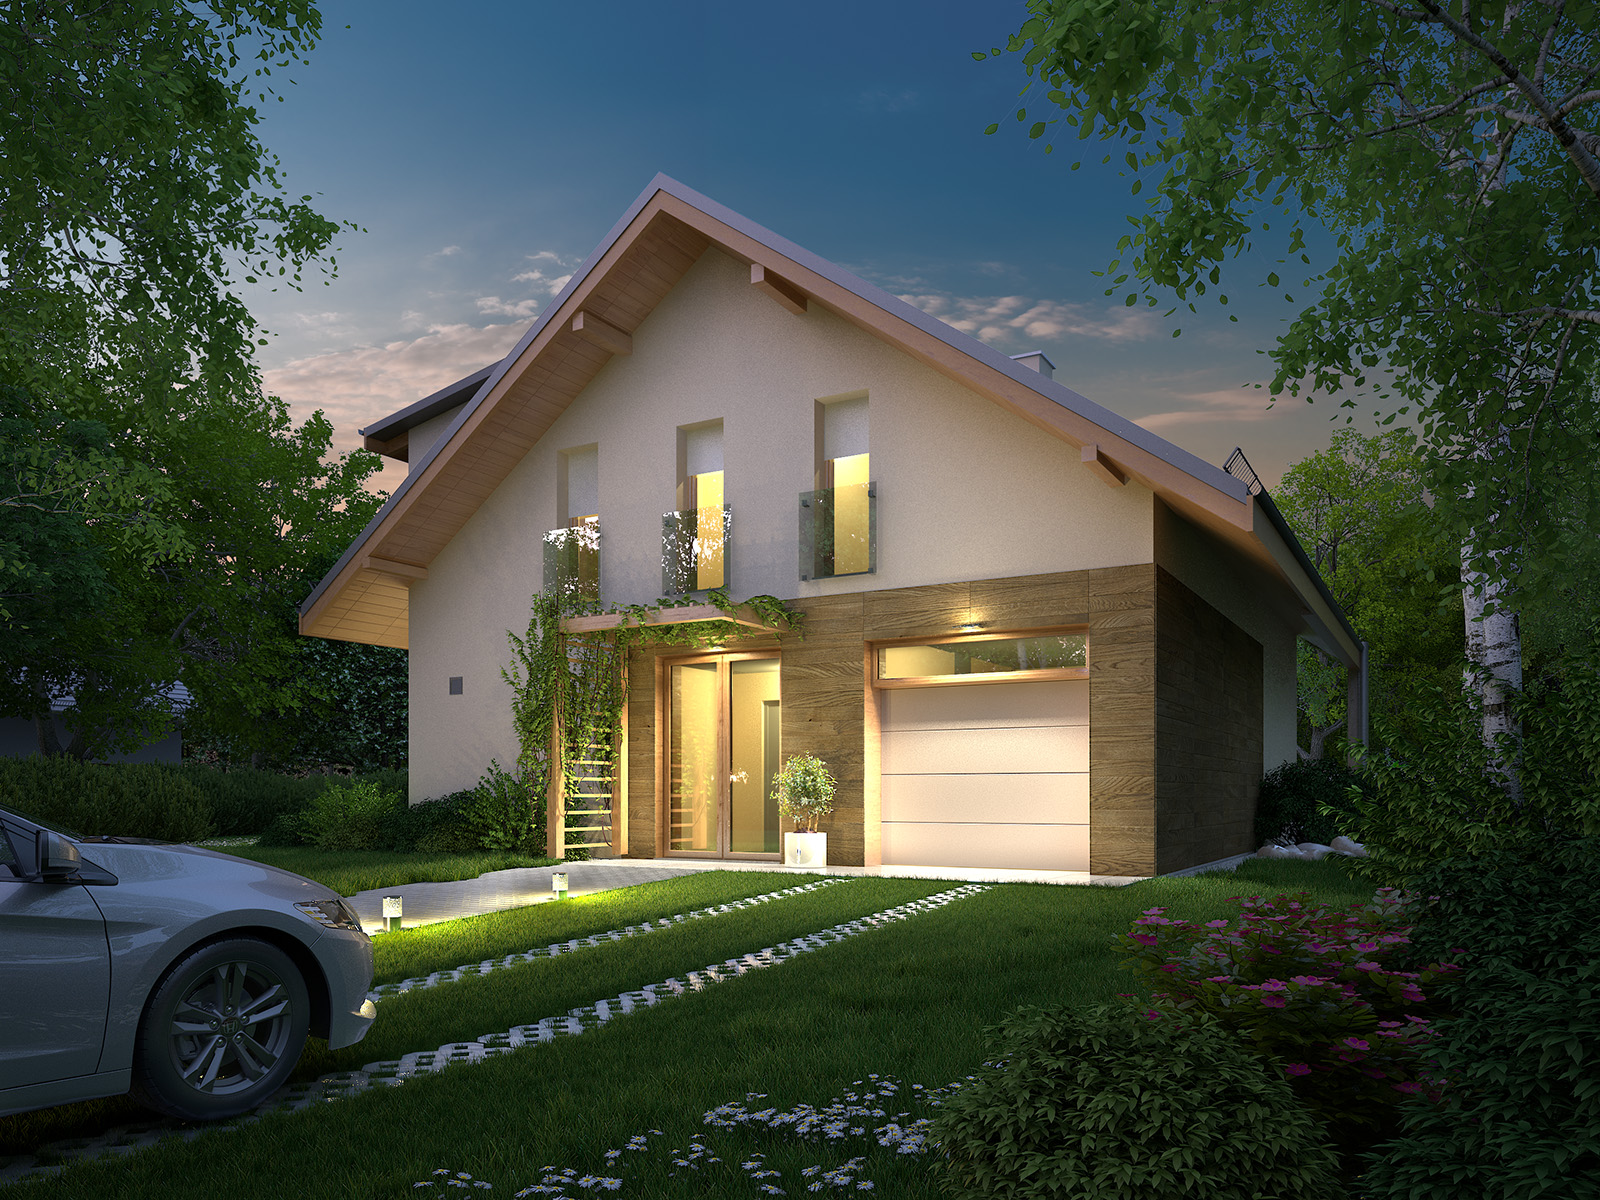 Projekt domu PRZYTULNY Domy Czystej Energii widok od frontu